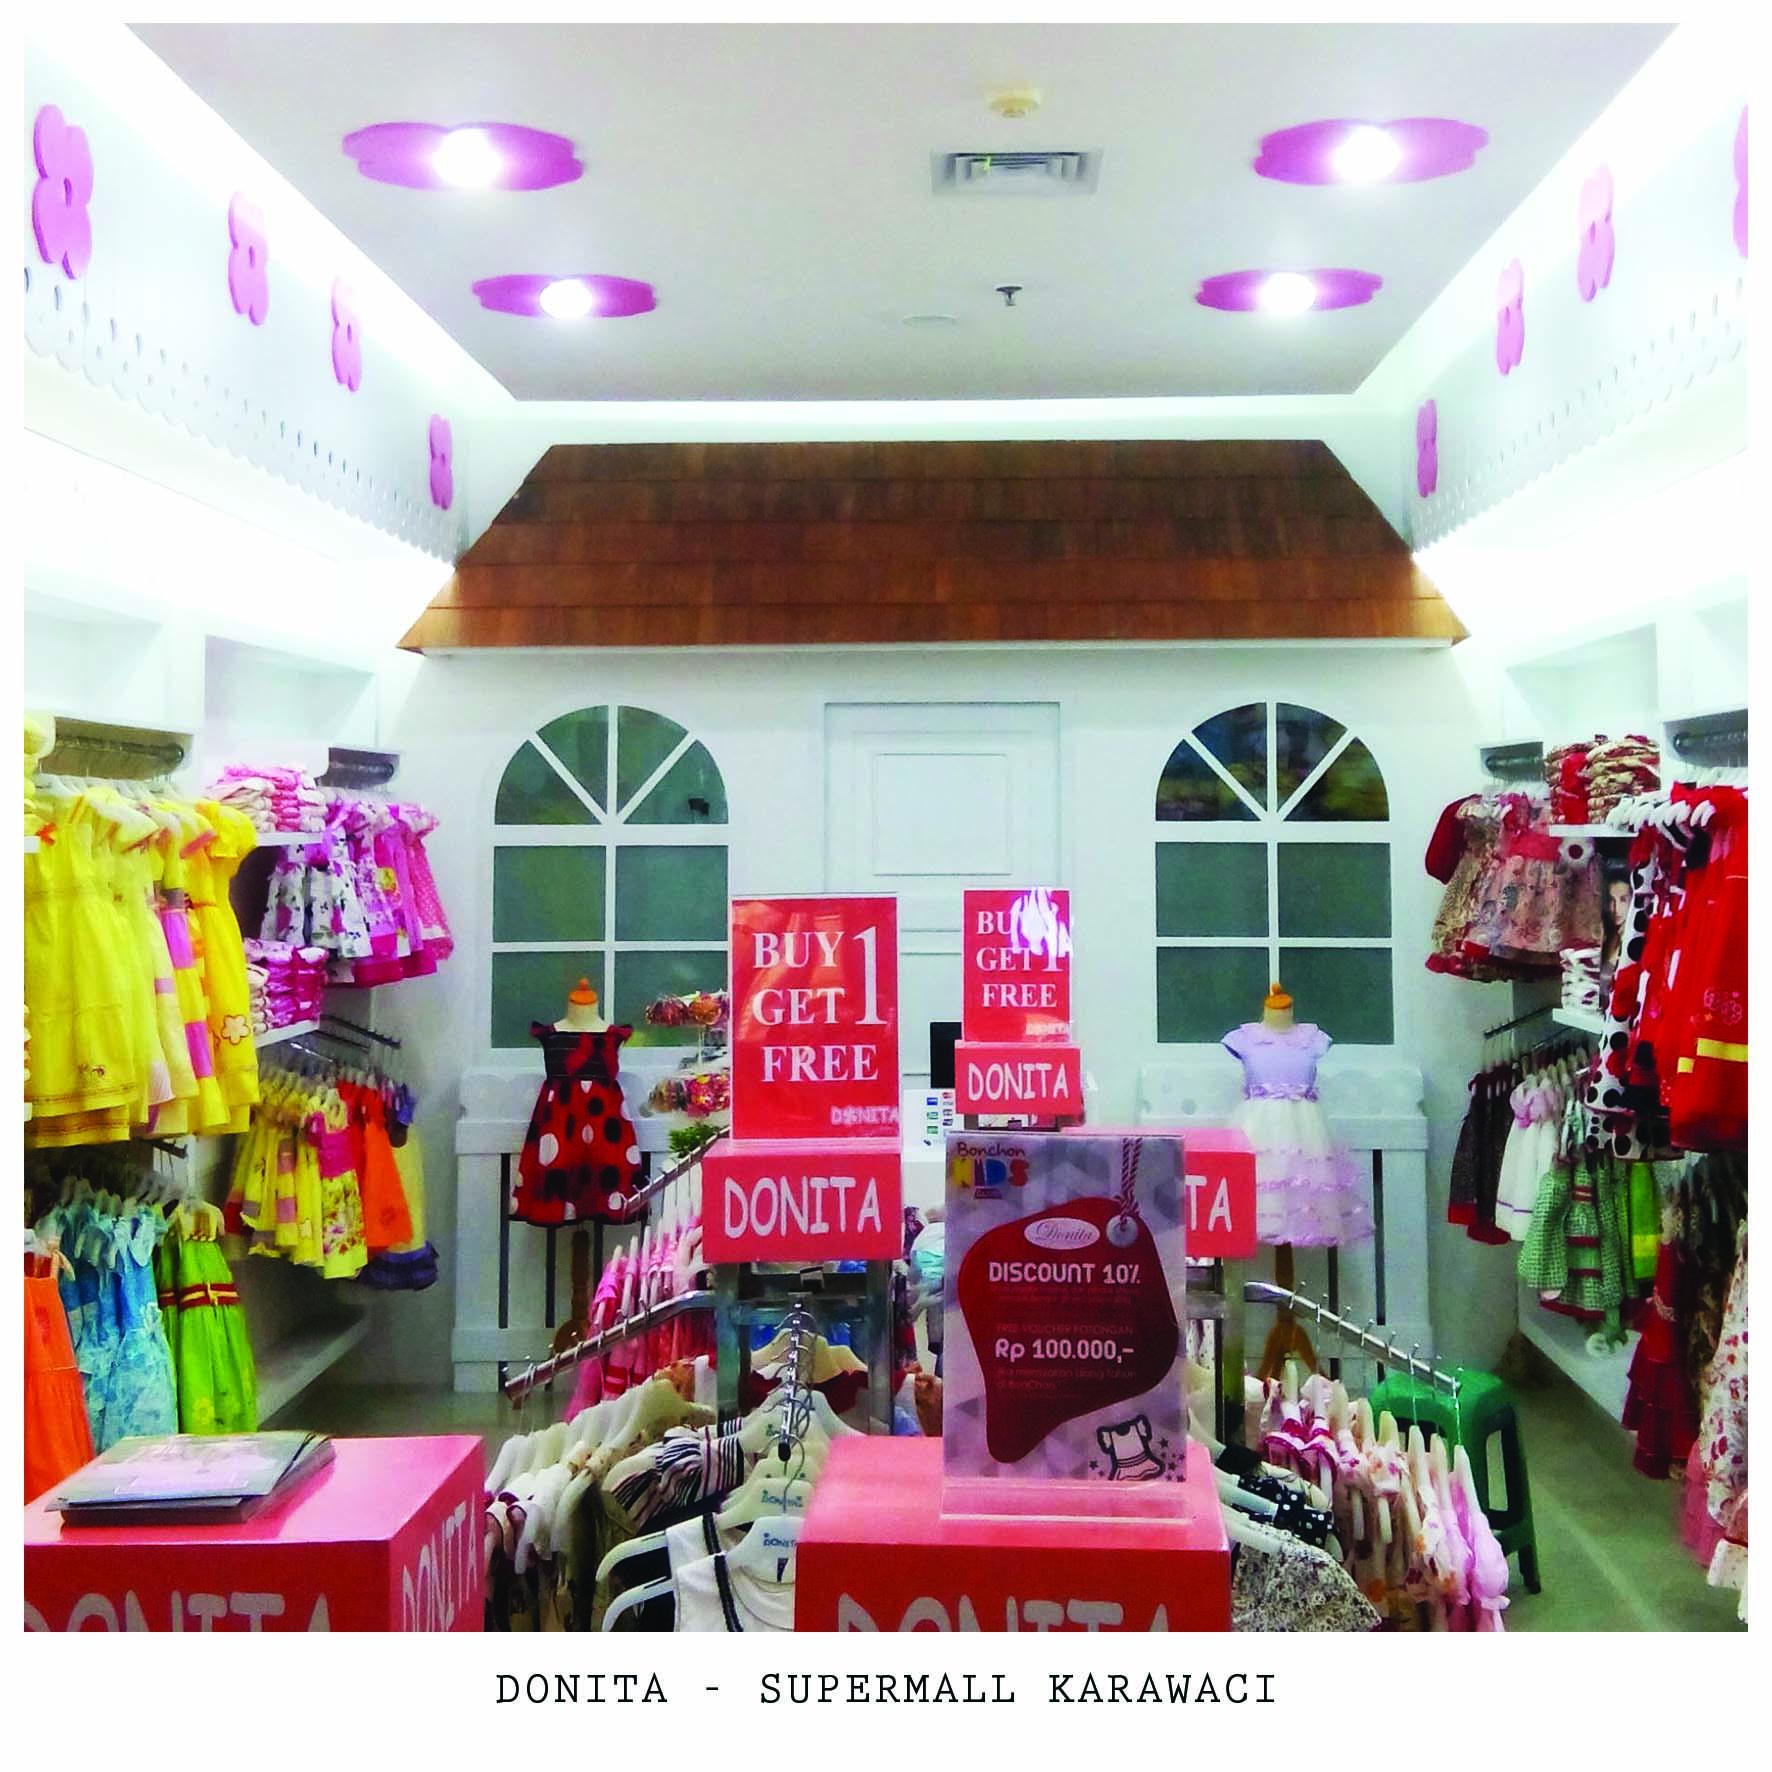 X3M Architects Donita Showroom Karawaci Tangerang Tangerang X3M-Architects-Donita-Showroom-Karawaci   75962